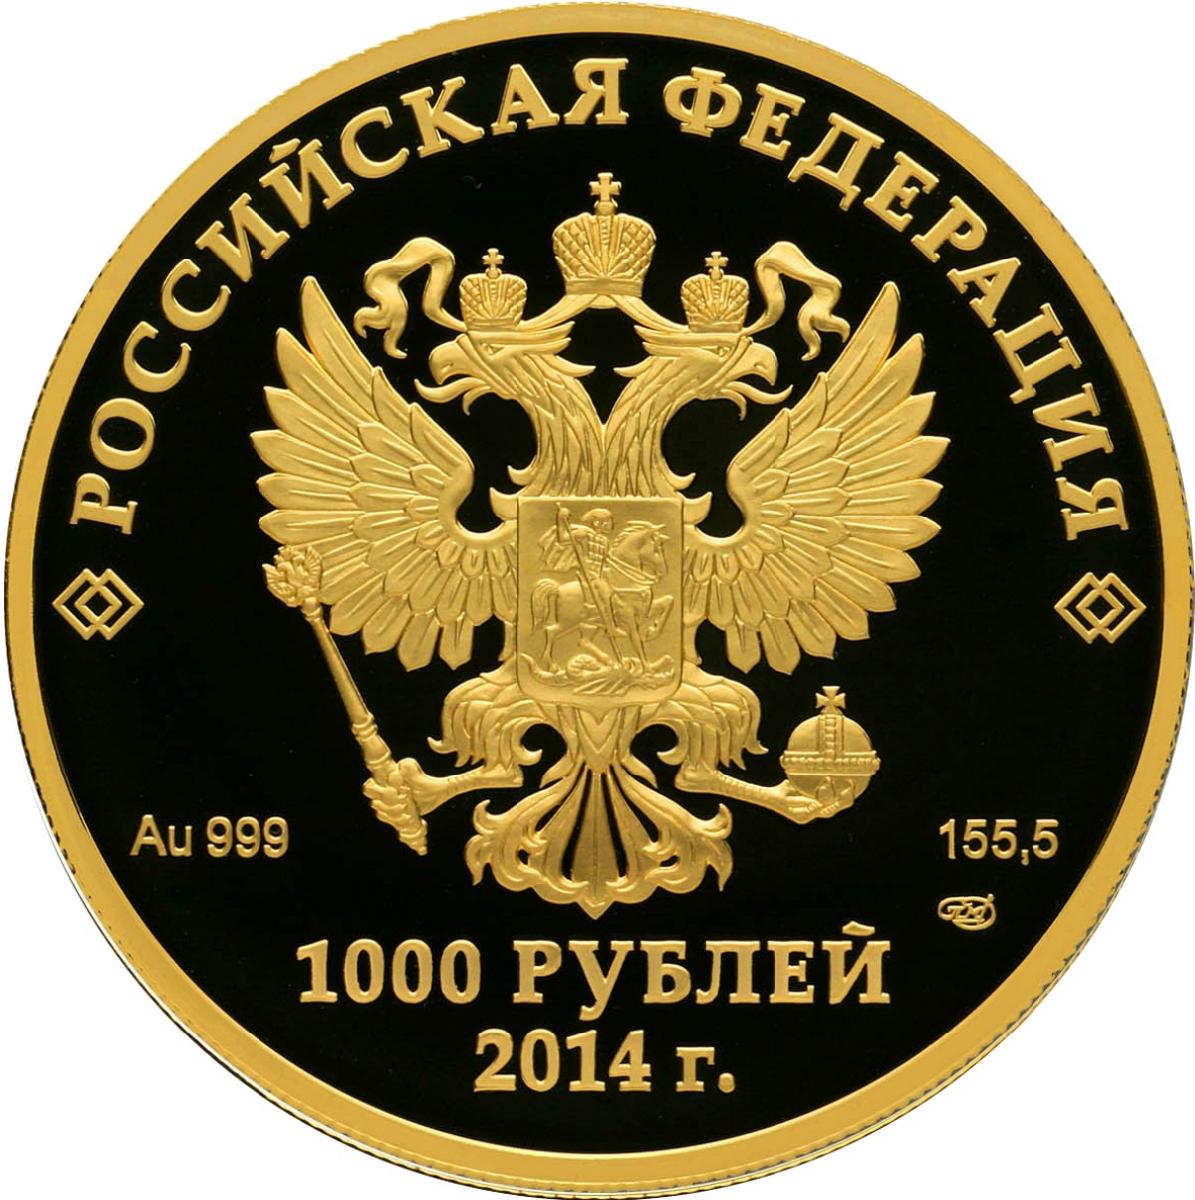 Изображение - Кто изображен на 1000 рублевой купюре RR5220-0011